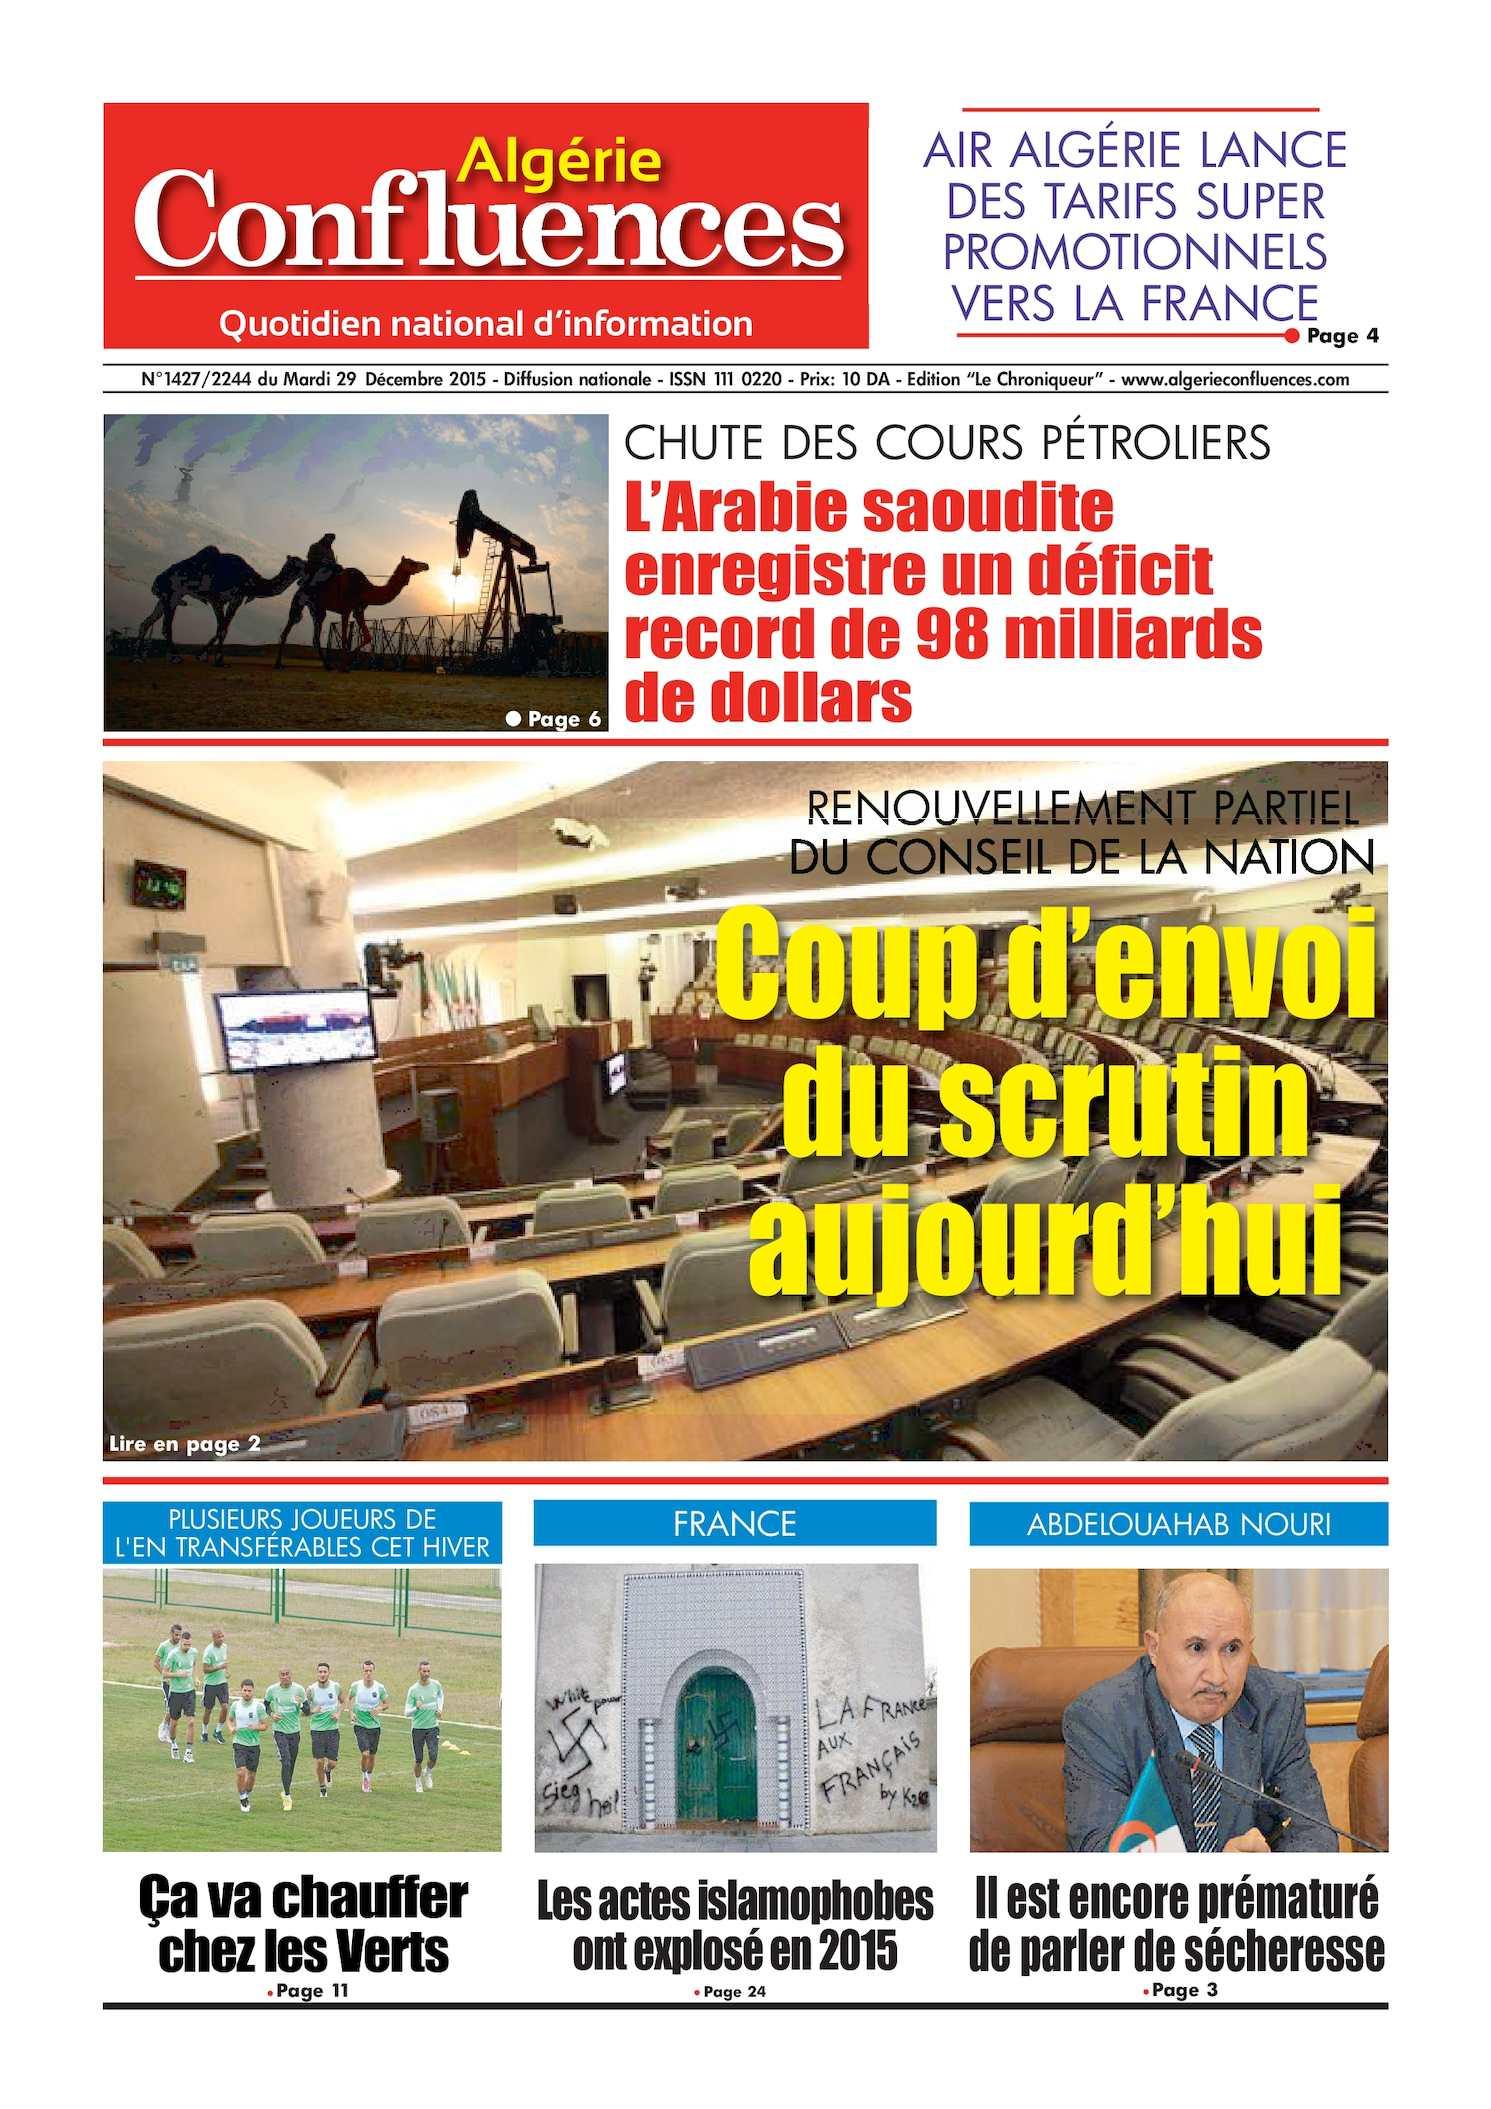 Algerie Confluences 29 Decembre 2015